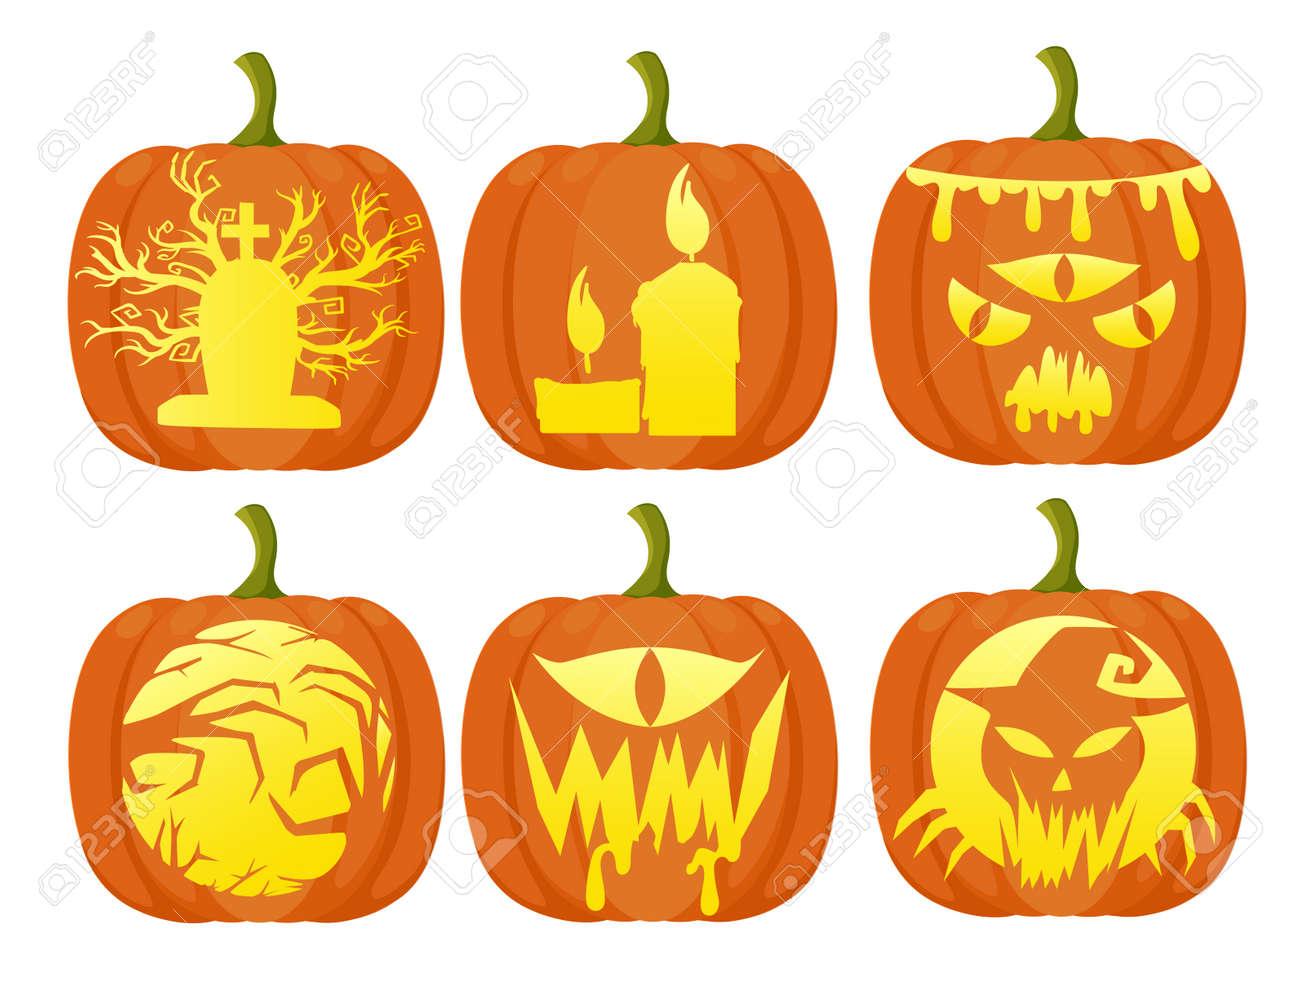 Définir Des Citrouilles Pour Halloween Design Plat Style Frais De Dessin Animé Légumes Différents Page Du Site Web Et La Conception De L Application